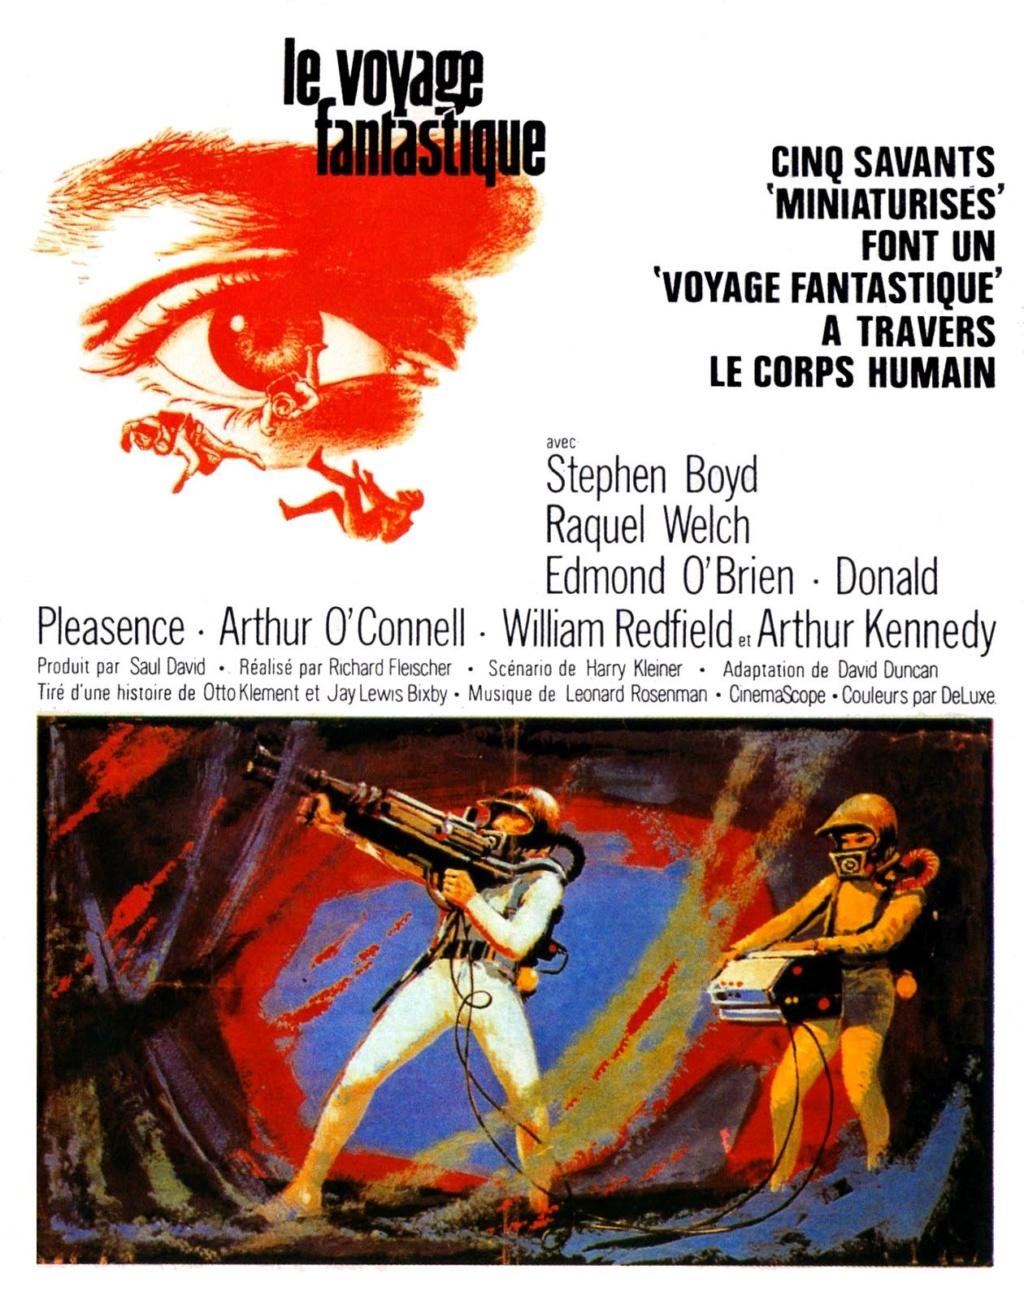 Le Voyage fantastique. Fantastic Voyage. 1966. Richard Fleischer. Le_voy10